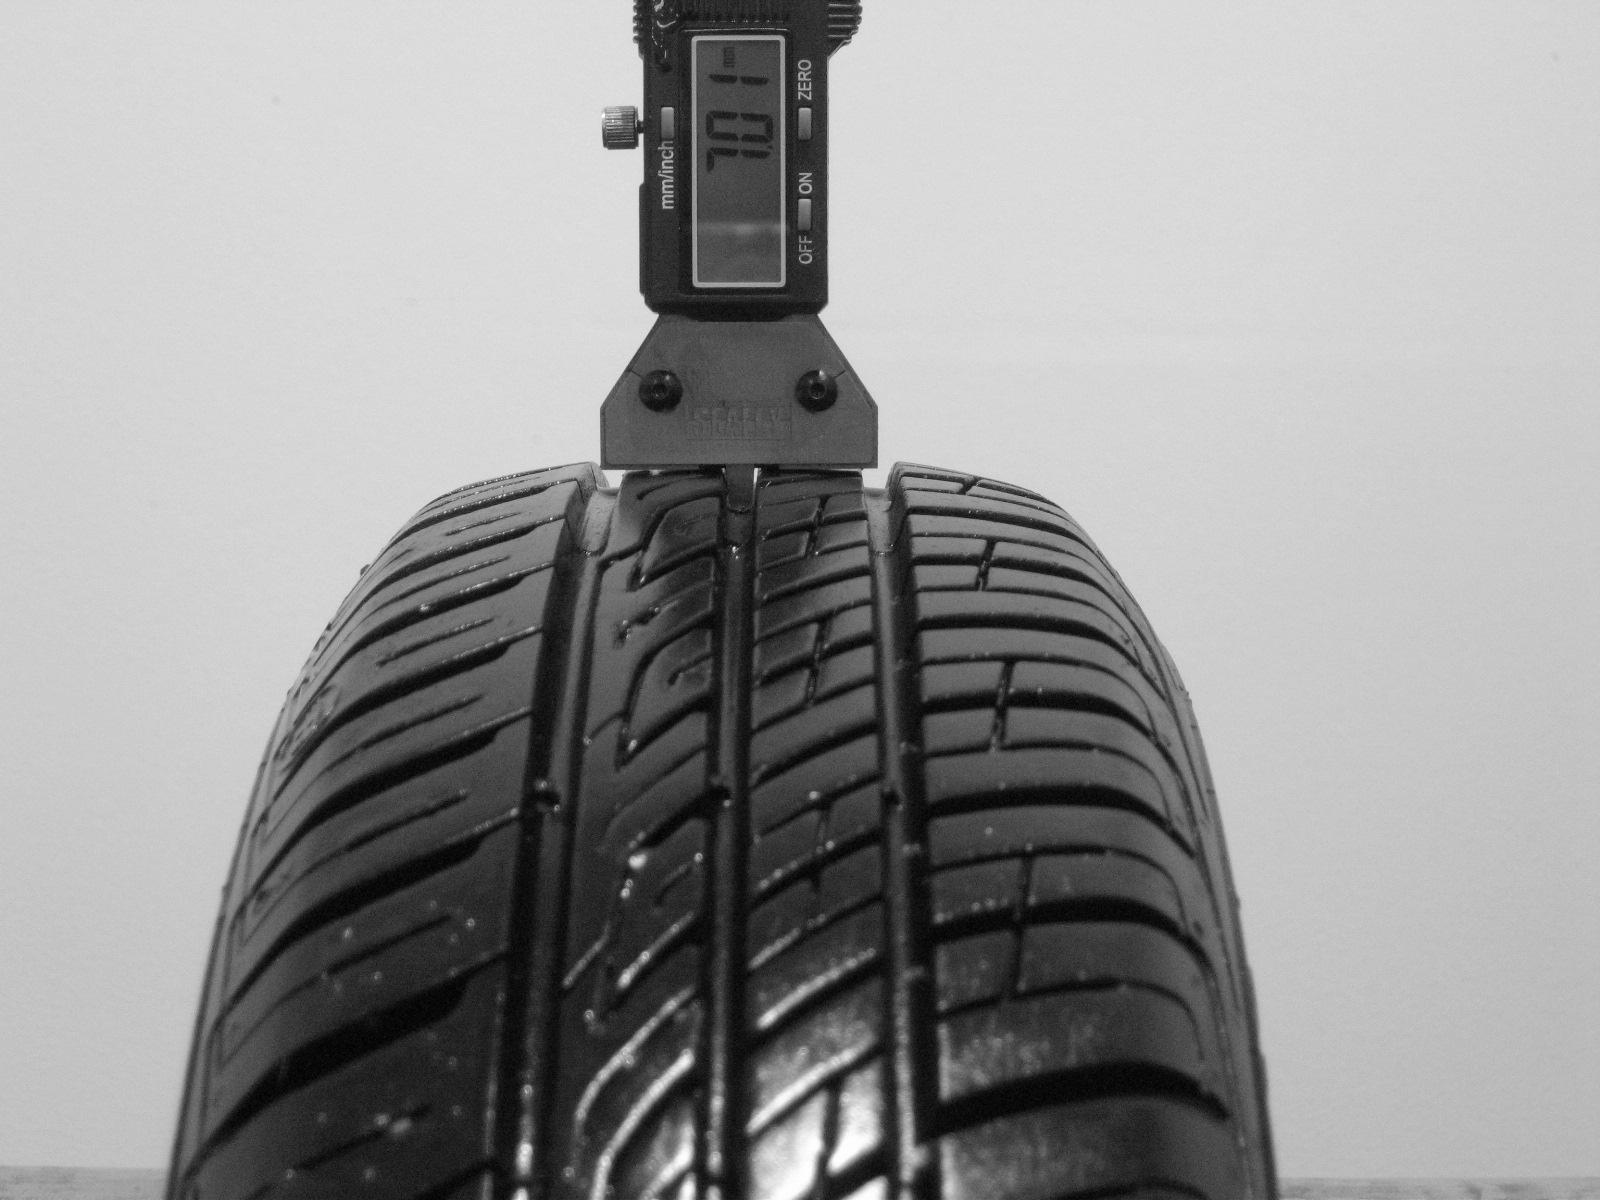 Použité-Pneu-Bazar - 155/80 R13 BARUM BRILANTIS 2 -kusovka-rezerva 3mm